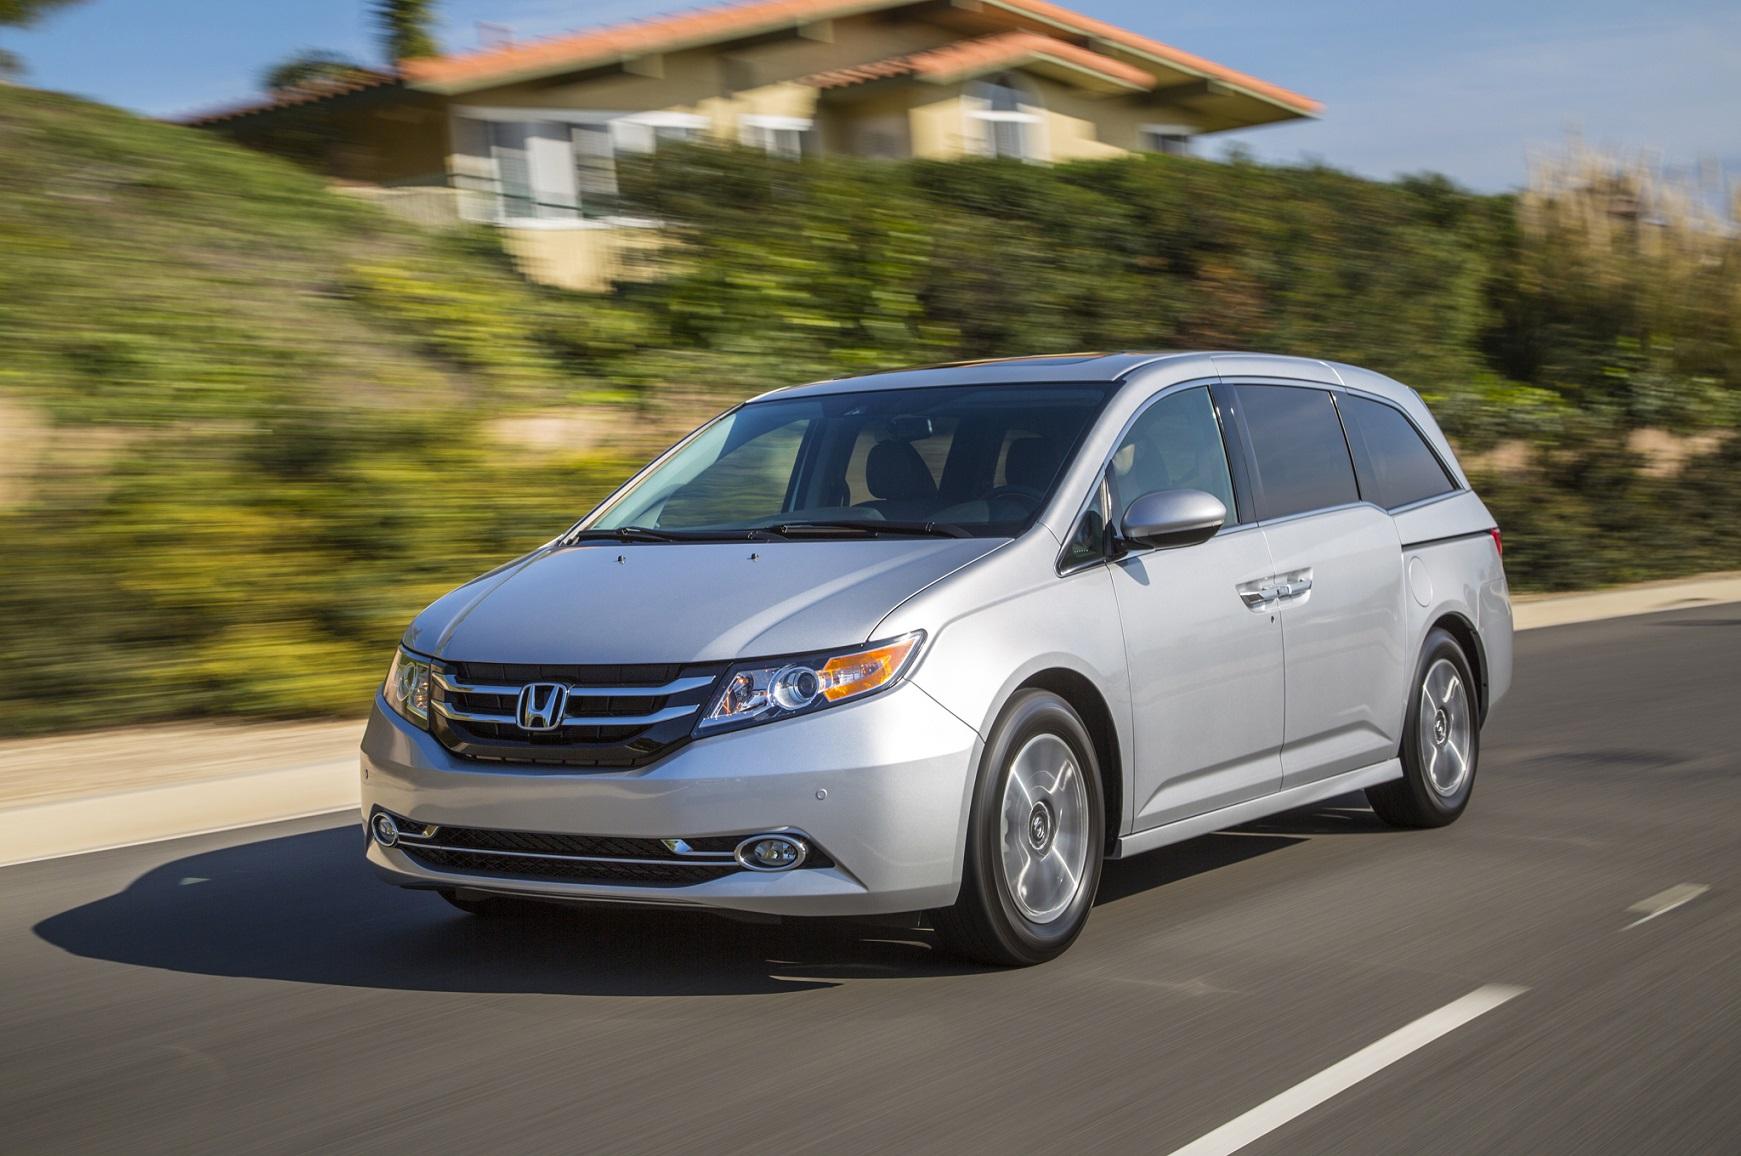 Honda a su se classer au 9e rang des marques de voitures les plus fiables en 2018